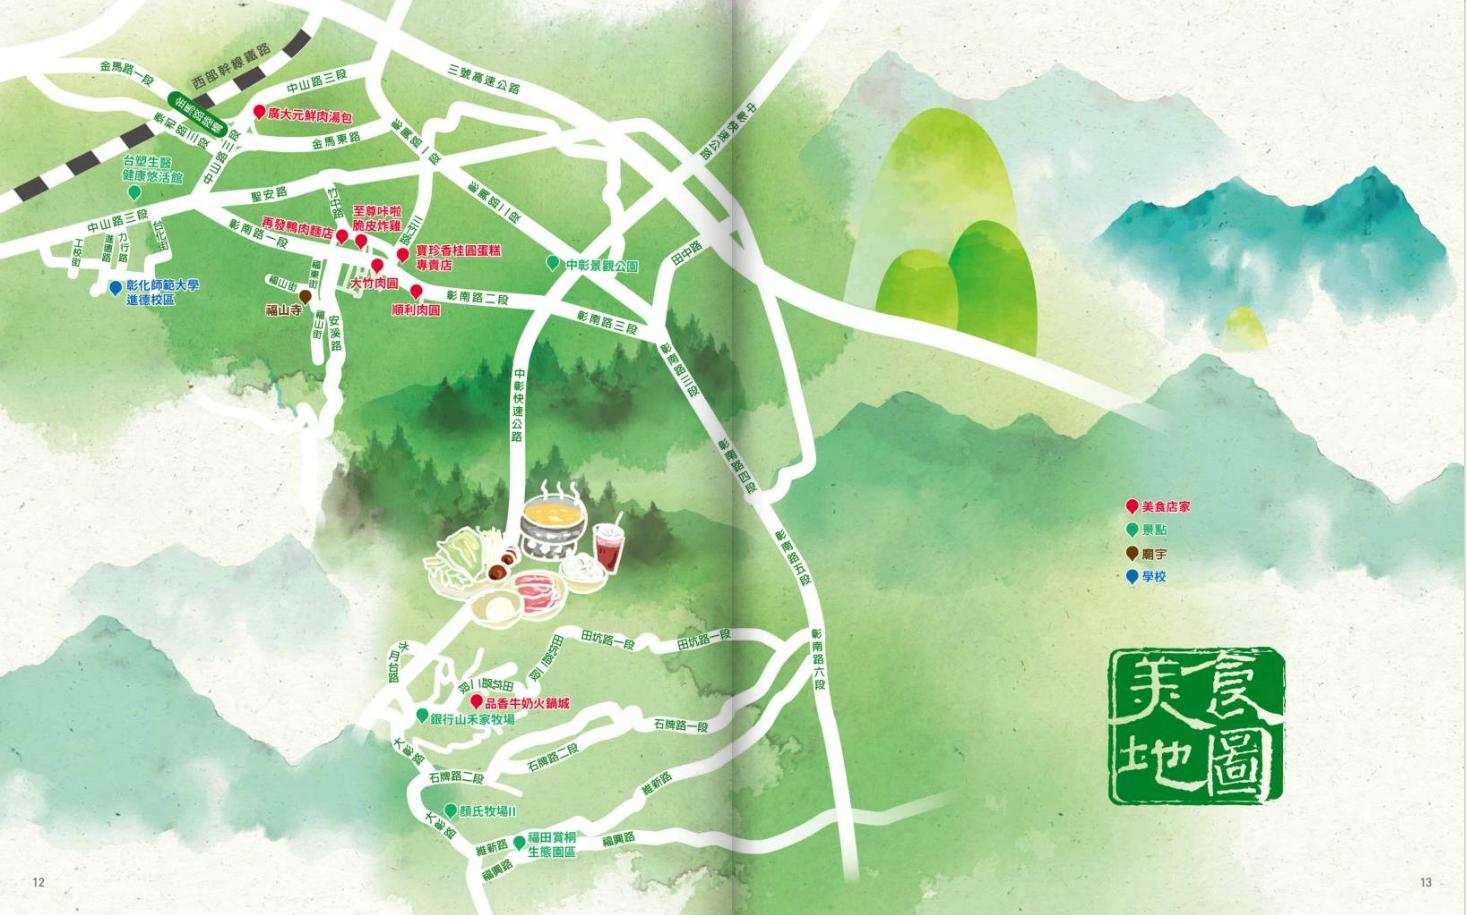 東區美食地圖